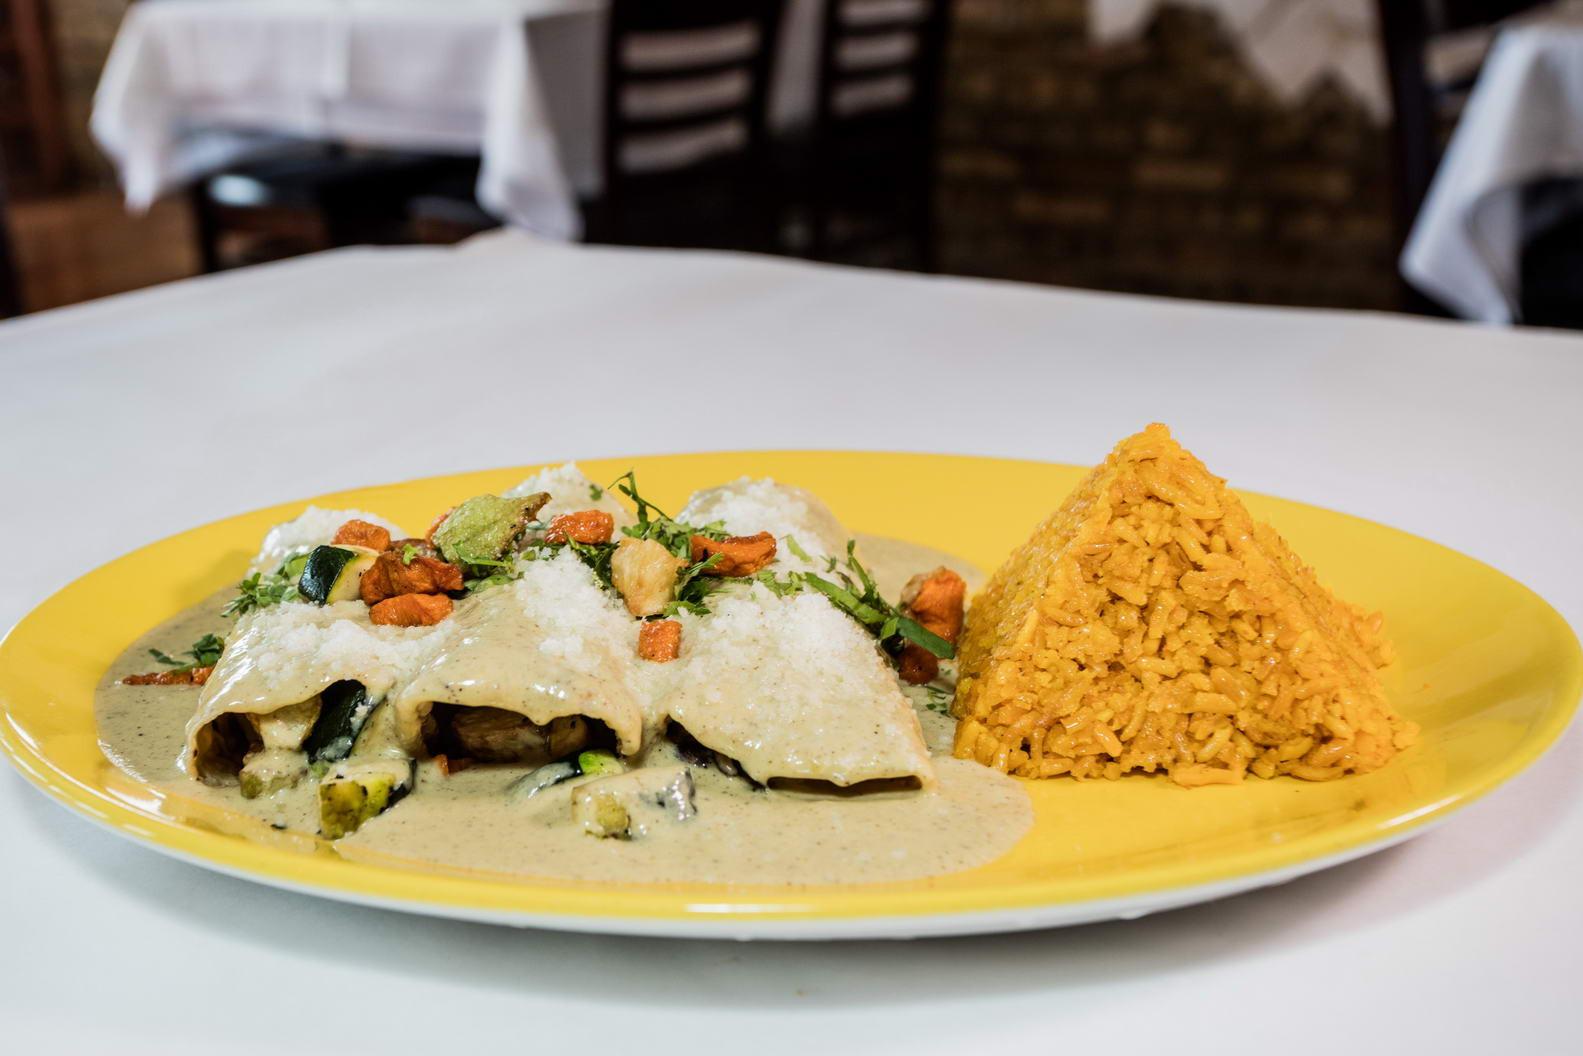 enchilada vegetariano_7_resize.jpg